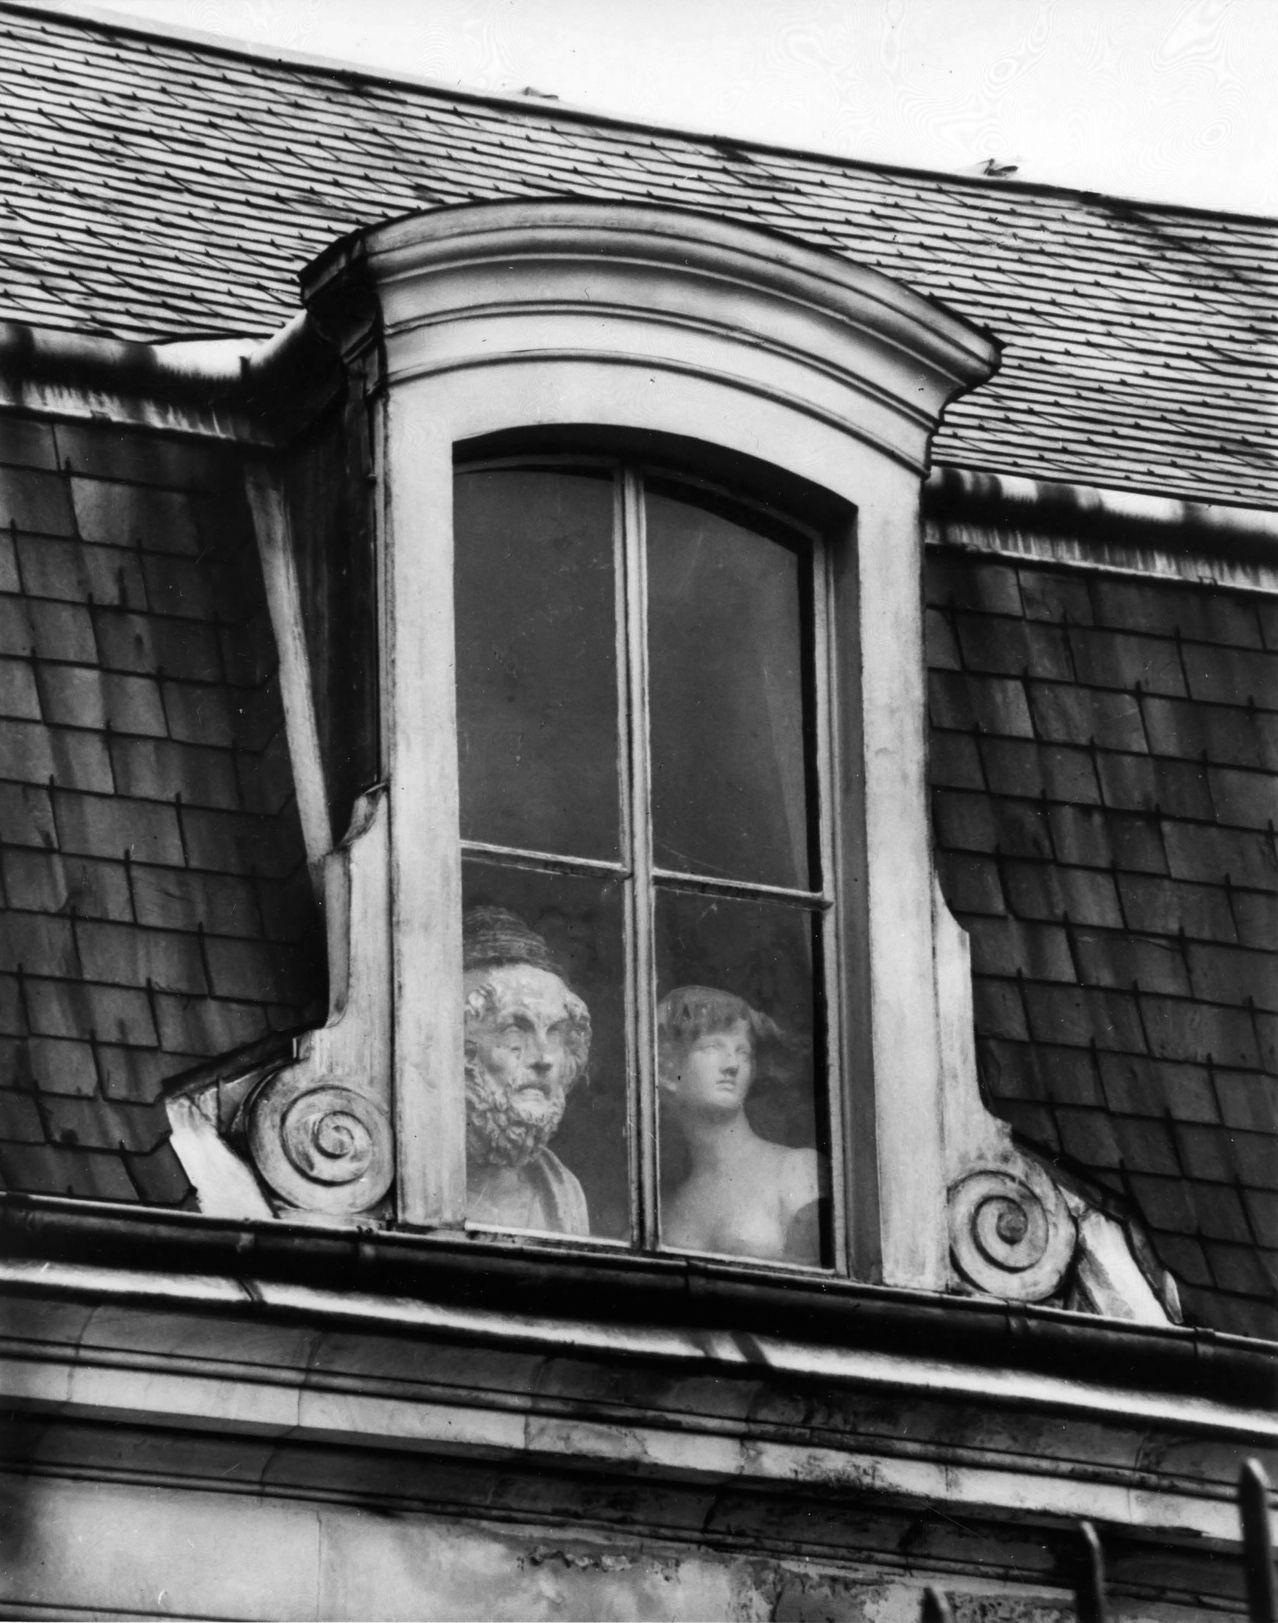 A Window on the Quai Voltaire, Paris.  André Kertész, 1928